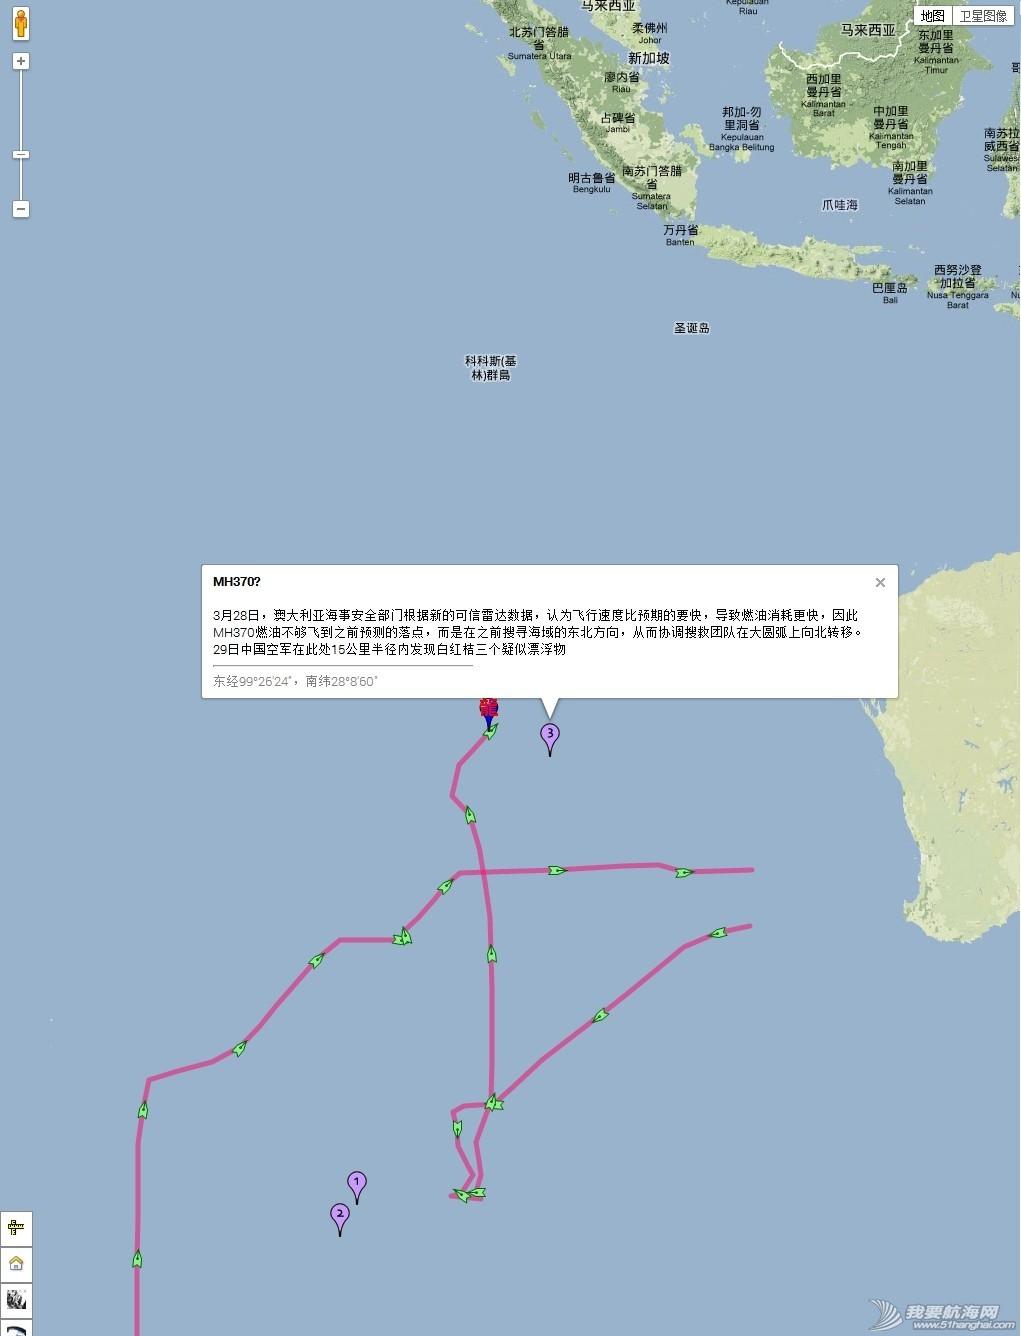 雪龙号 【雪龙动态】雪龙号北上,去 第三个MH370疑似点搜寻 QQ图片20140331055810.jpg